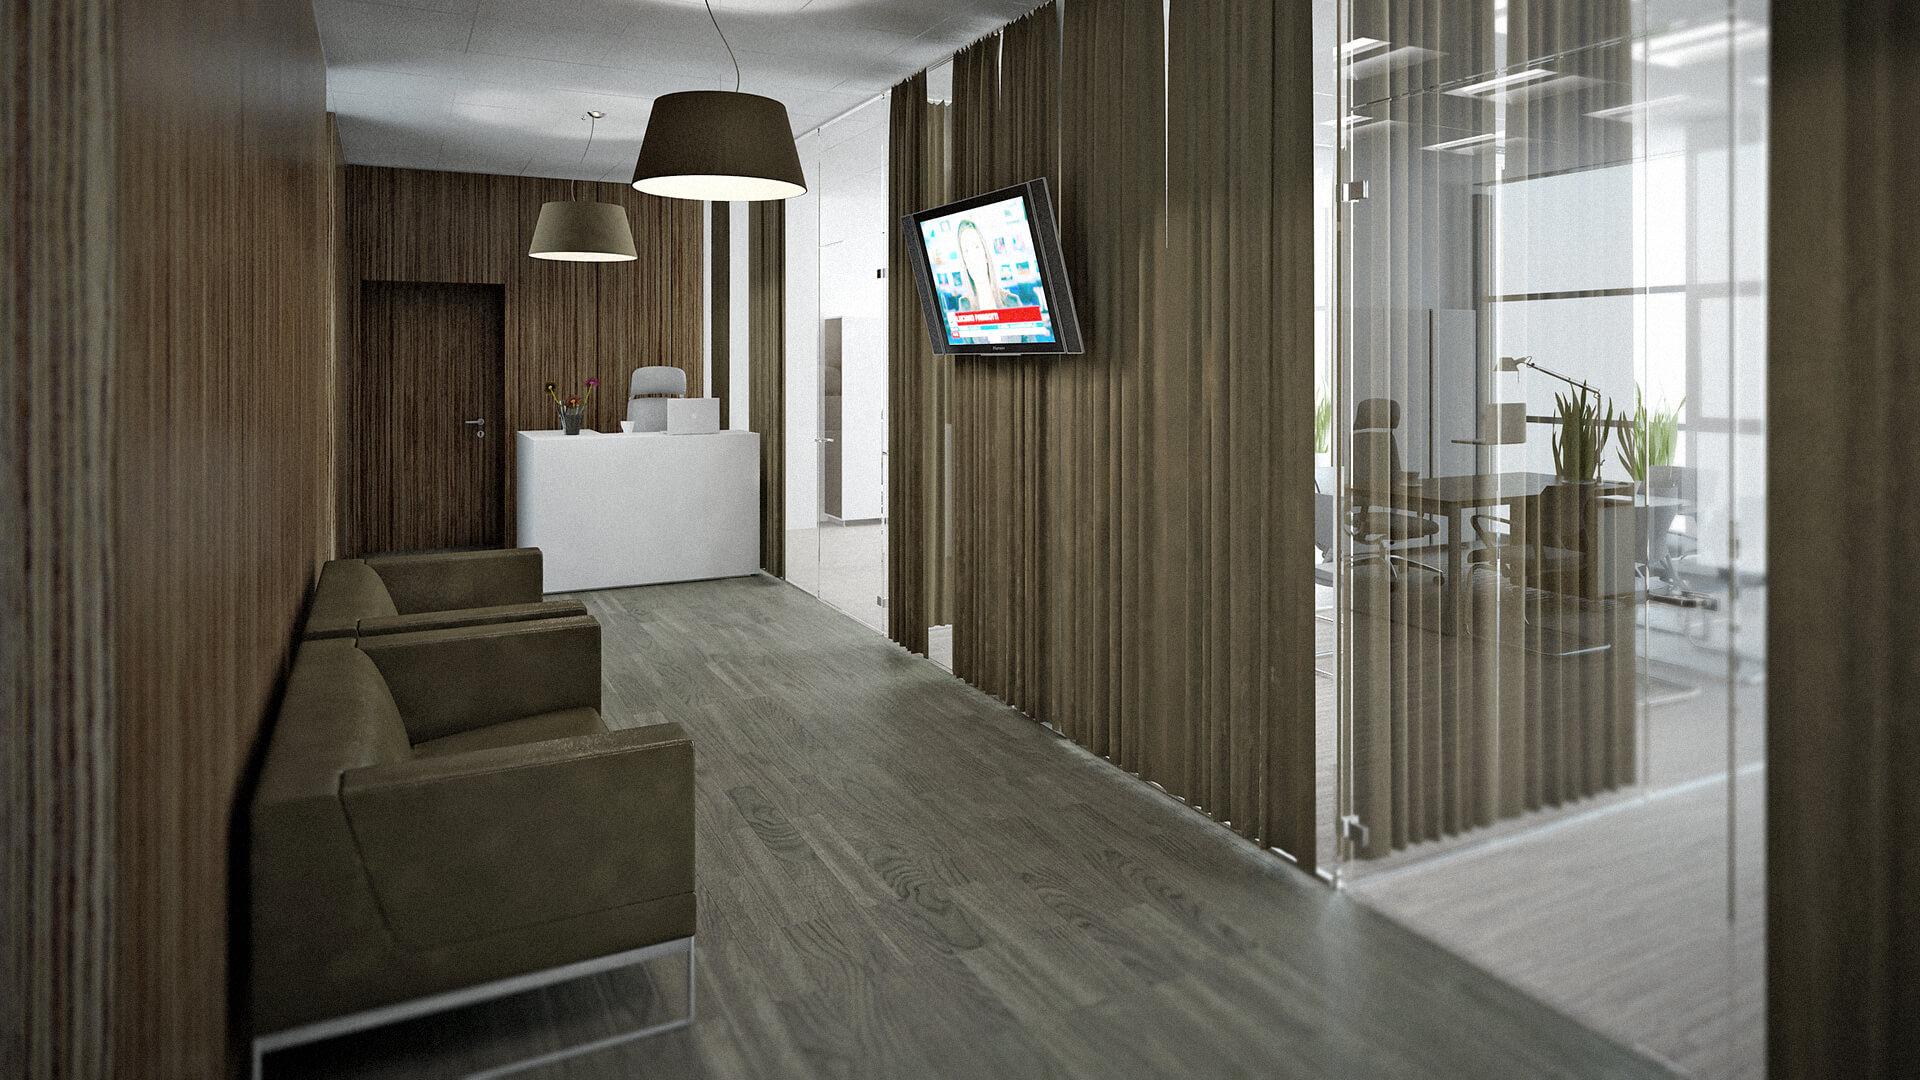 Biuro usług finansowych w Poznaniu - Biura Kutrzeby Poznań